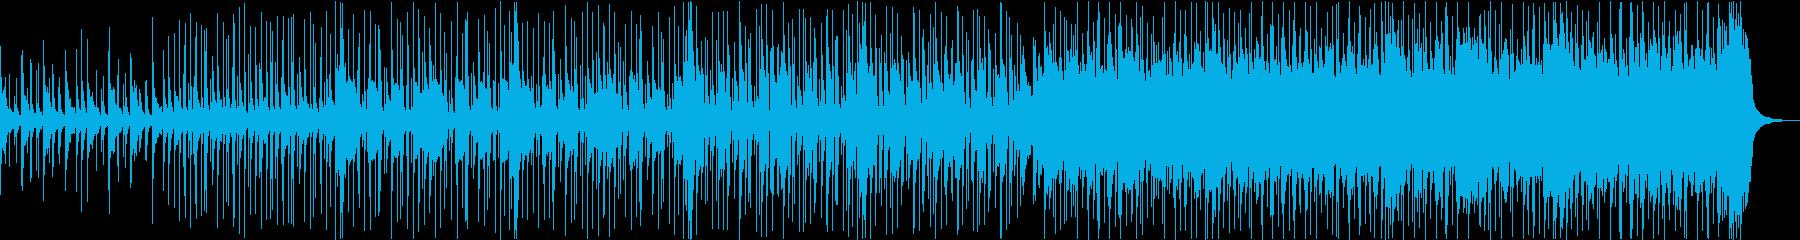 楽しい・歌舞伎・三味線の和風ブルースの再生済みの波形